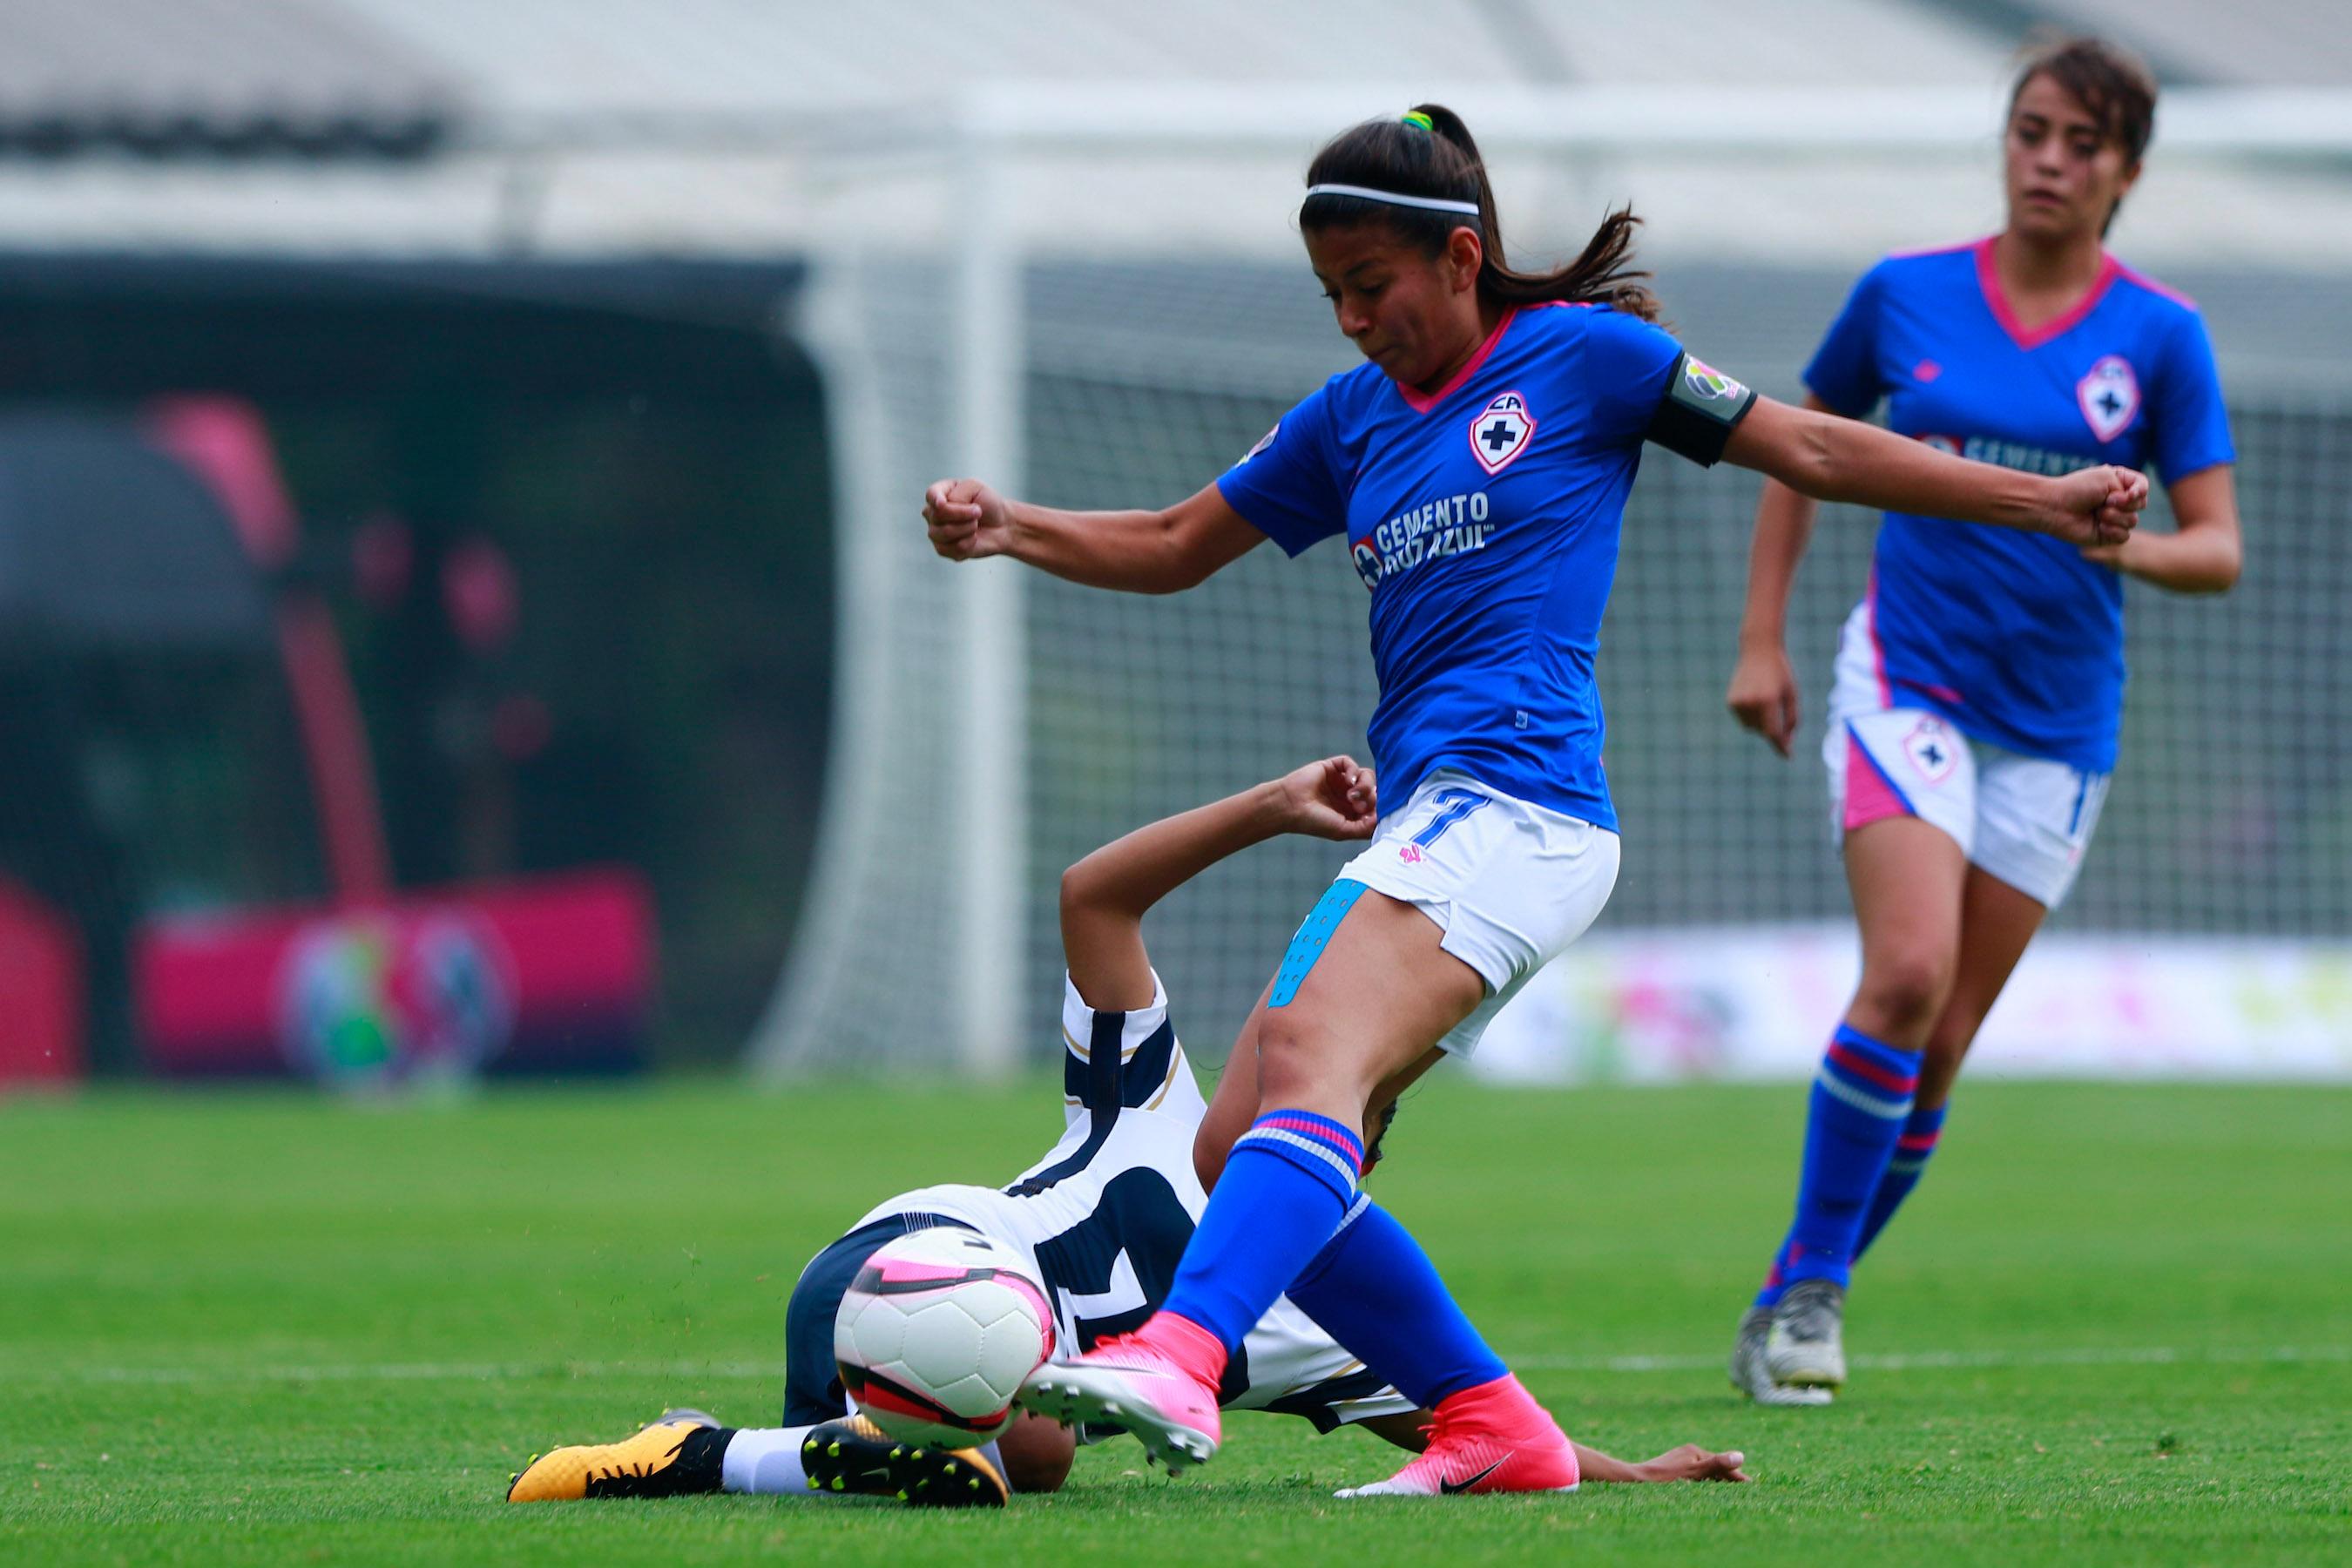 Ciudad de México,26 de agosto 2017, el equipo de Pumas derrotó 3-1 al conjunto de Cruz Azul en la Jornada 5 de la Liga MX Femenil (Foto: Cuartoscuro)